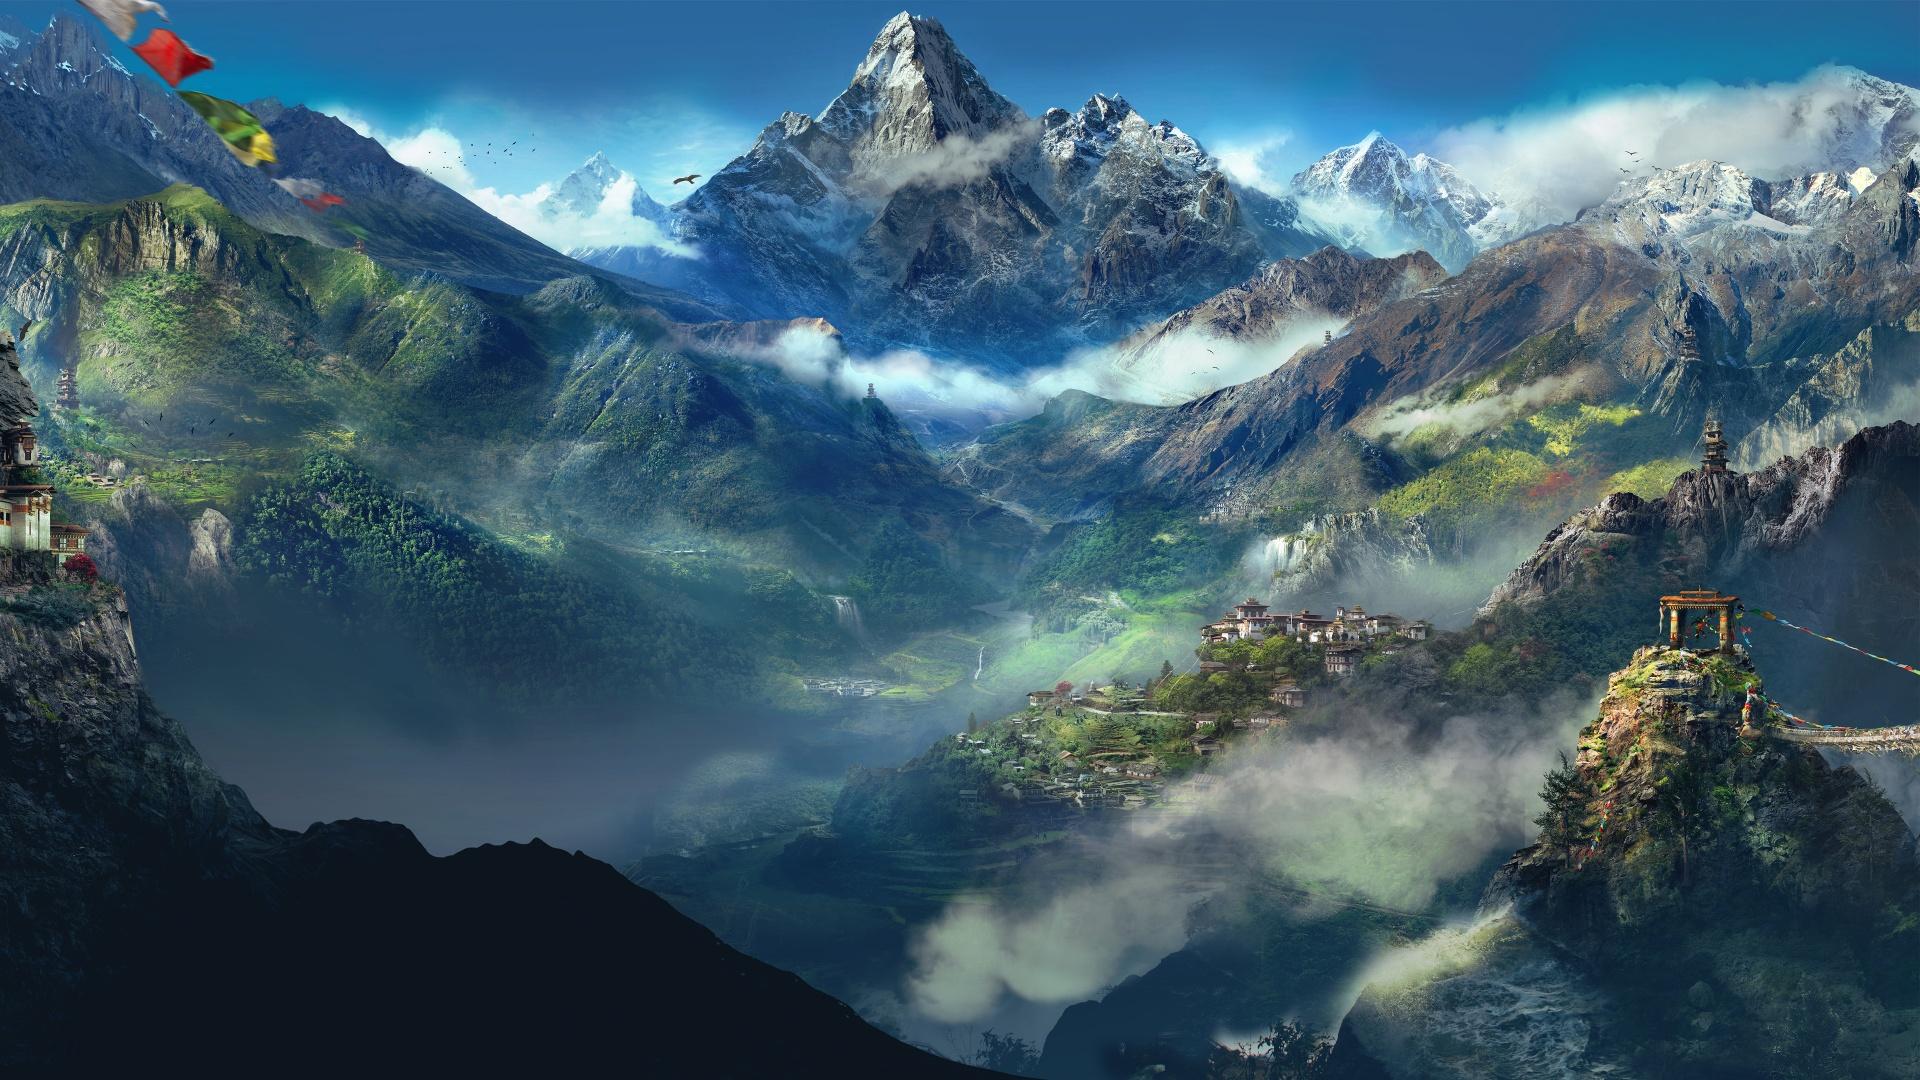 Wallpapersafari: HD Himalaya Wallpaper